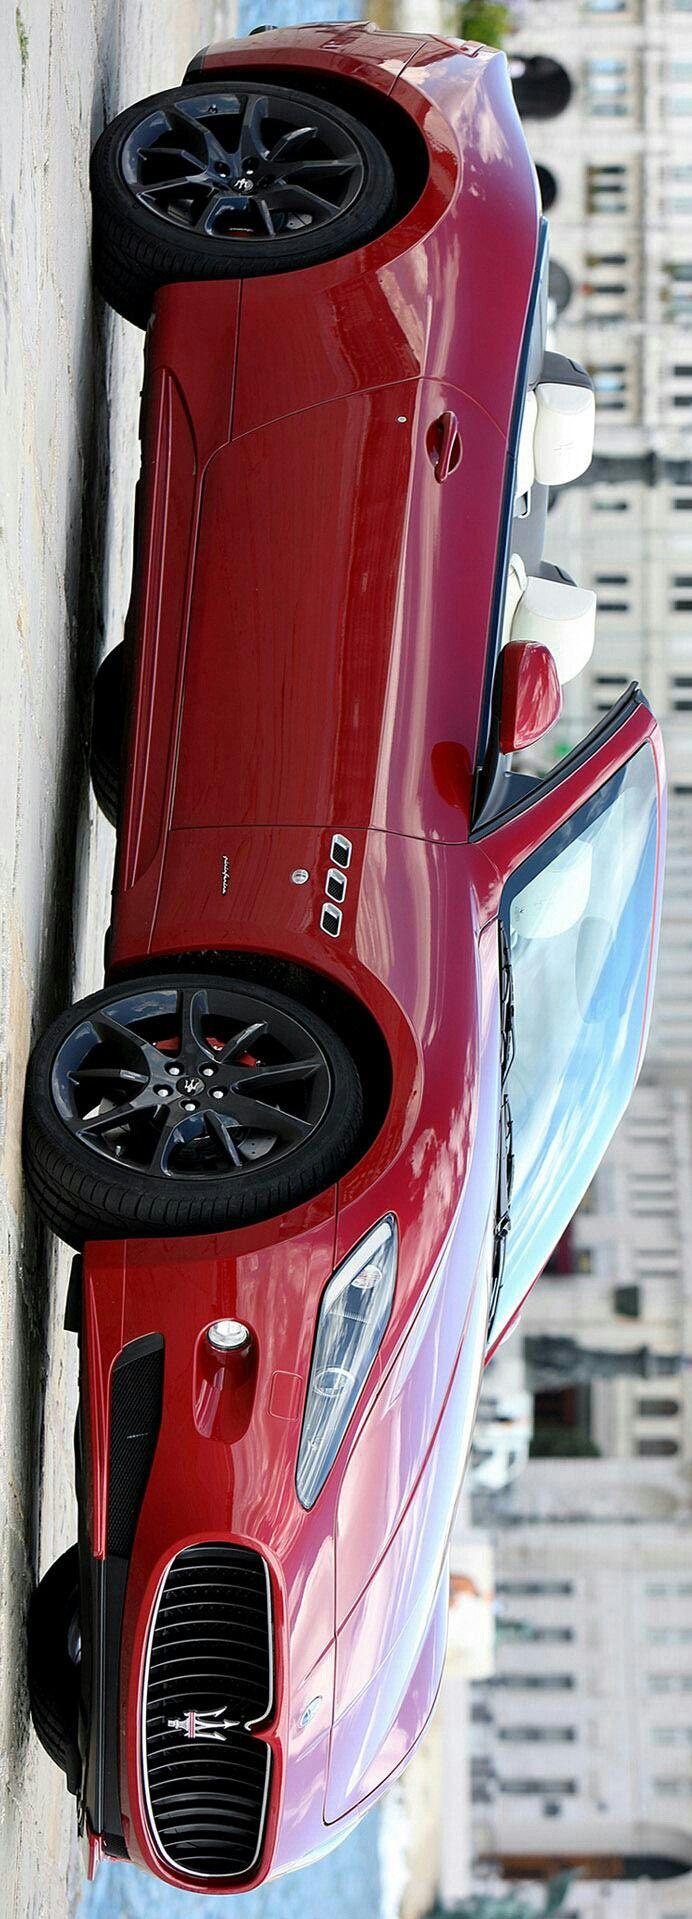 Maserati GranTurismo by Levon